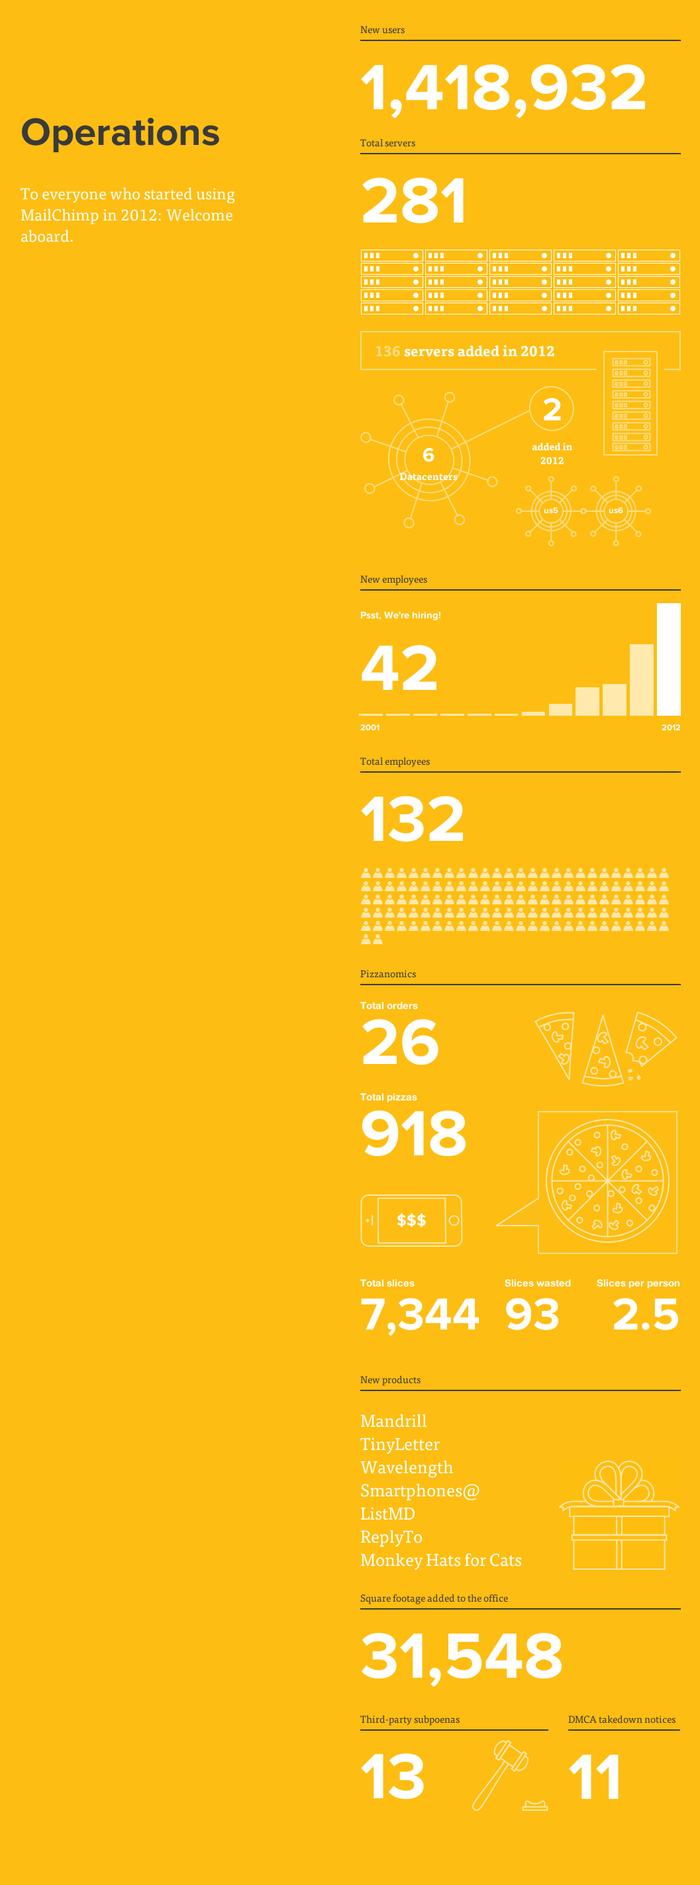 MailChimp Annual Report 1